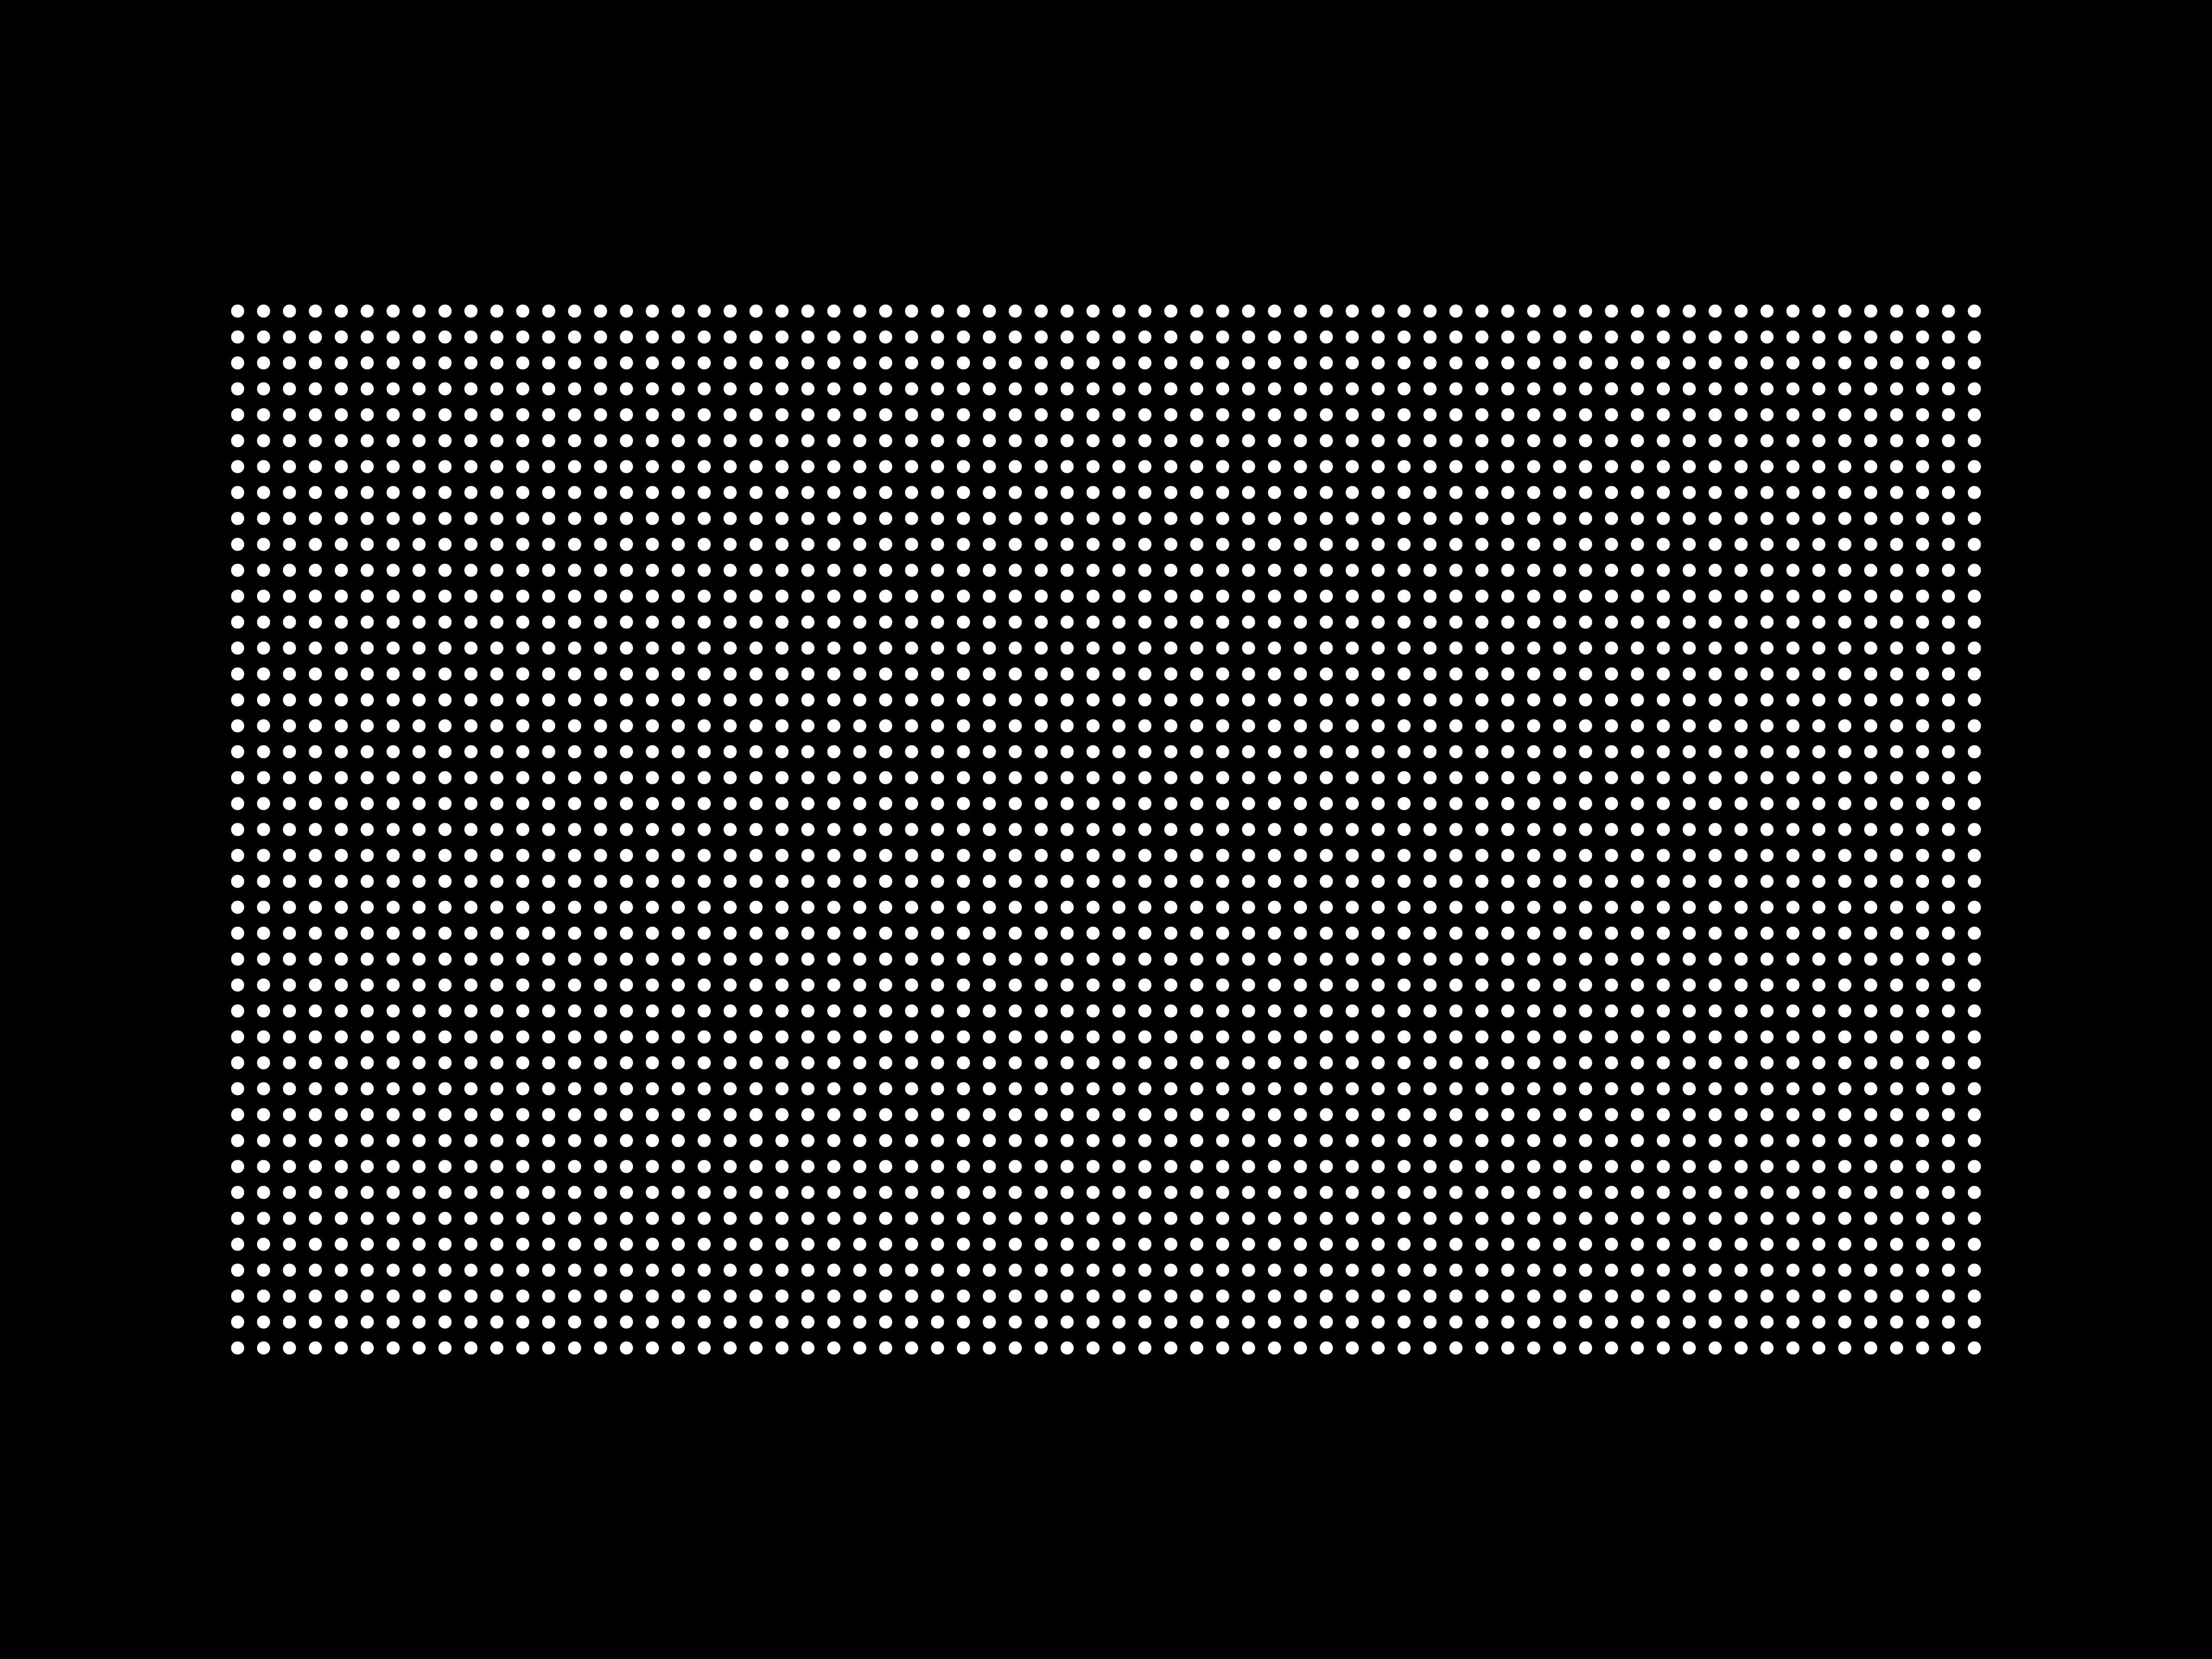 5f4c4a_6fb51e82f26a4a6881568170c5a03ffc~mv2.jpg